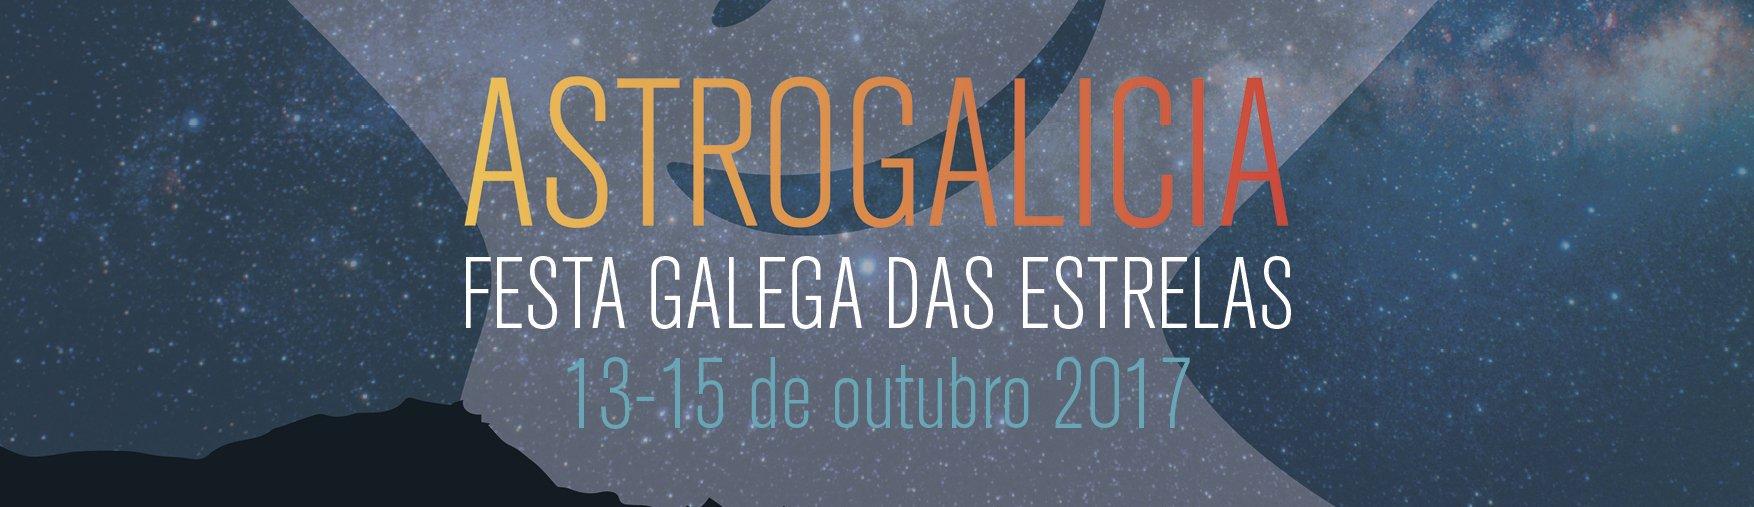 Divulgacción patrocina Astrogalicia 2017, non o perdas